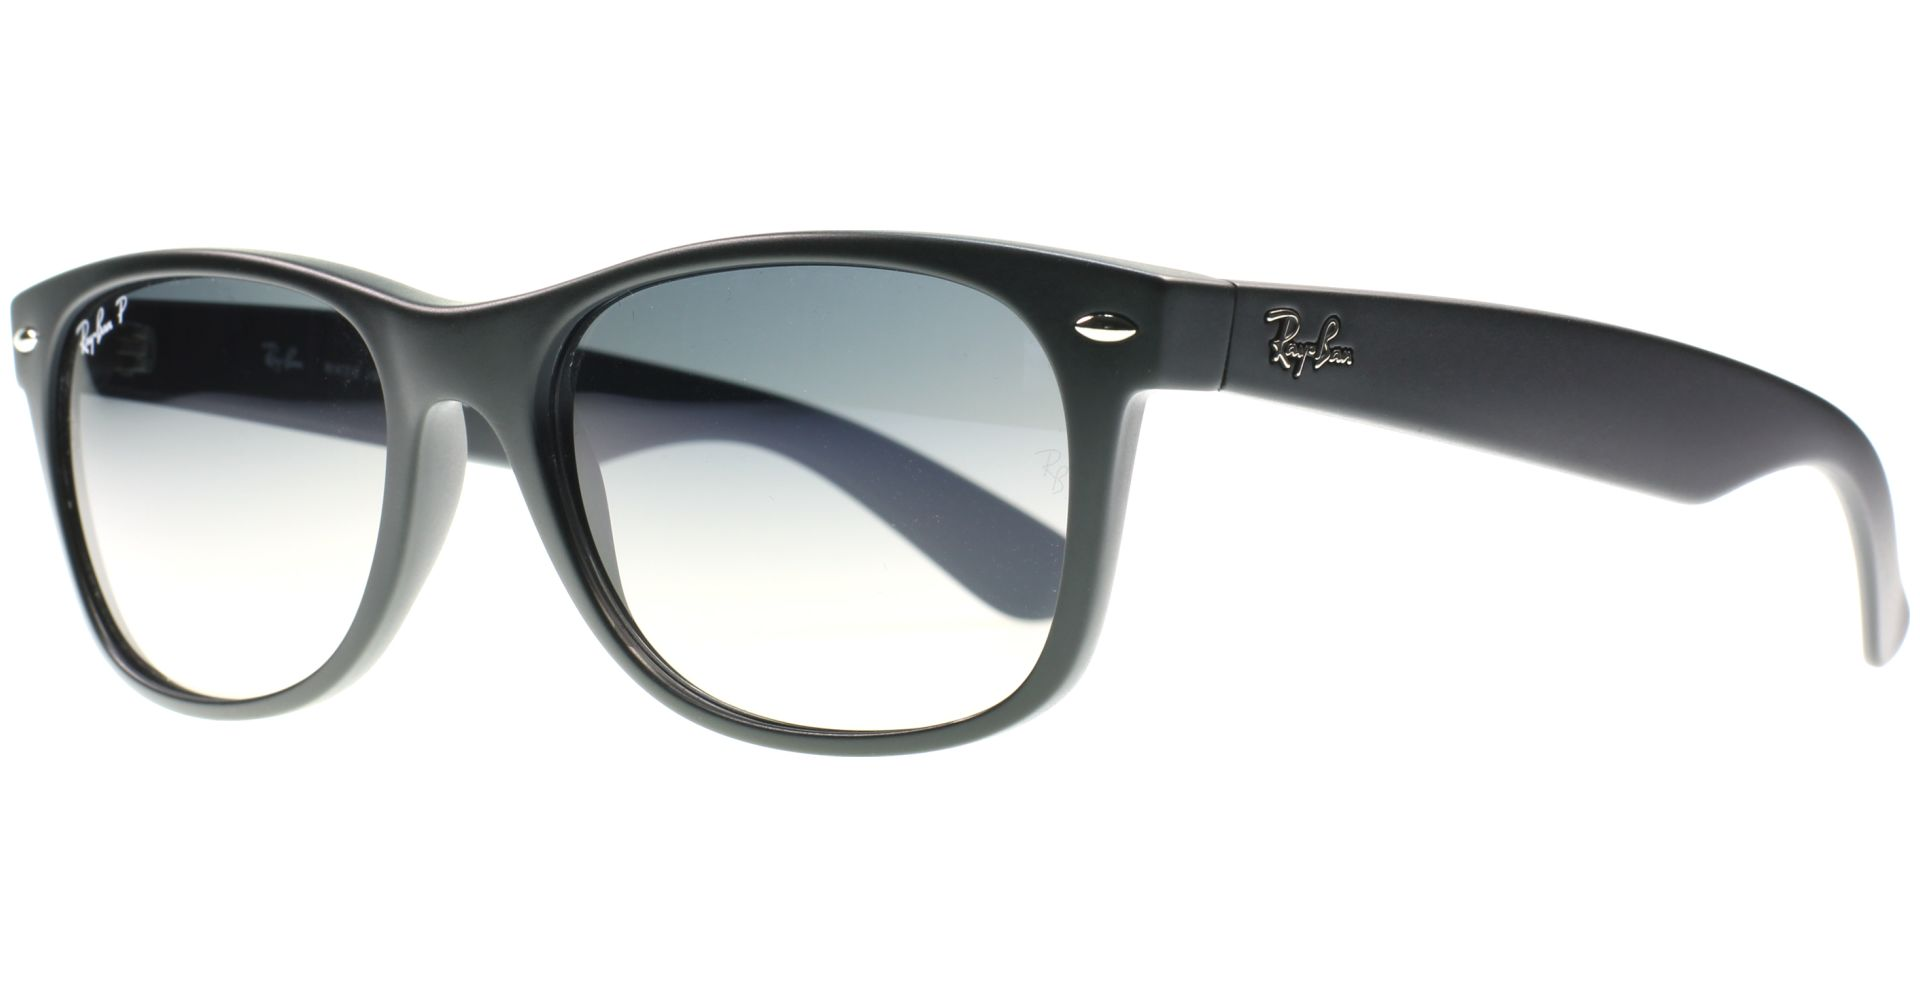 Ray-Ban - New Wayfarer 2132 601S78 5218 Black - von Lensbest